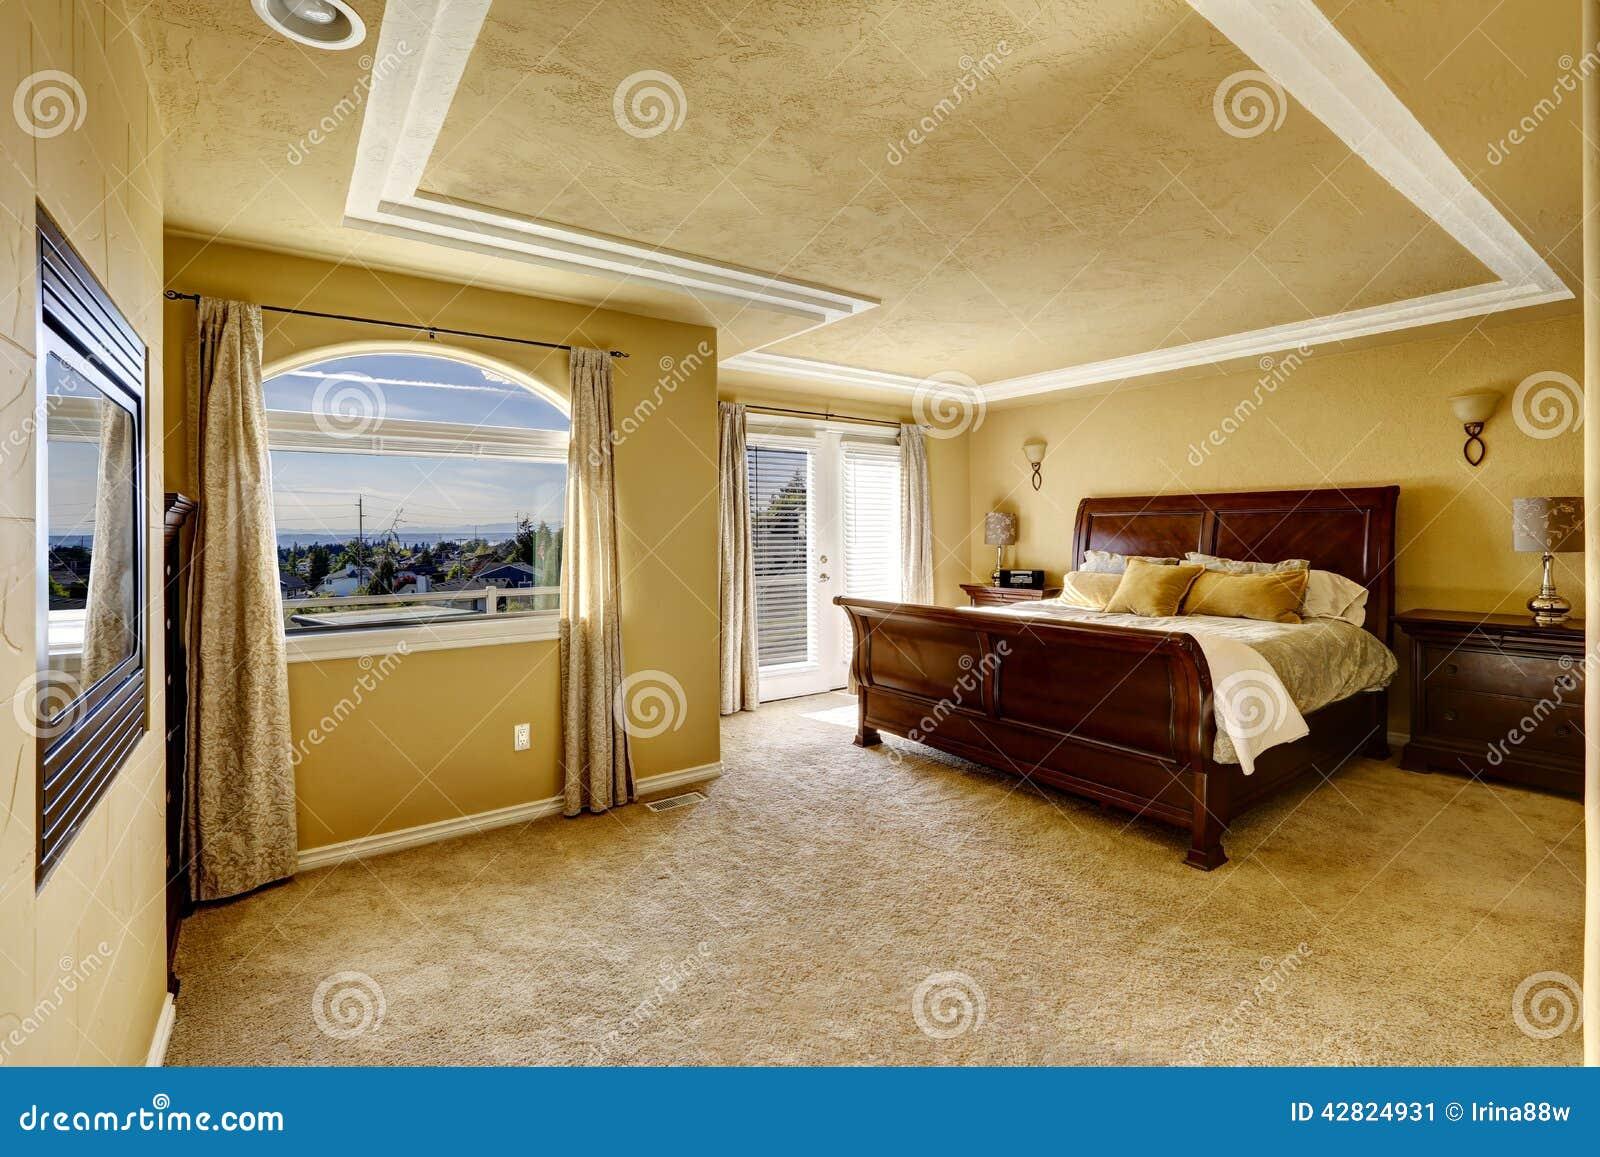 Maison de luxe interieur chambre for Interieur maison luxe